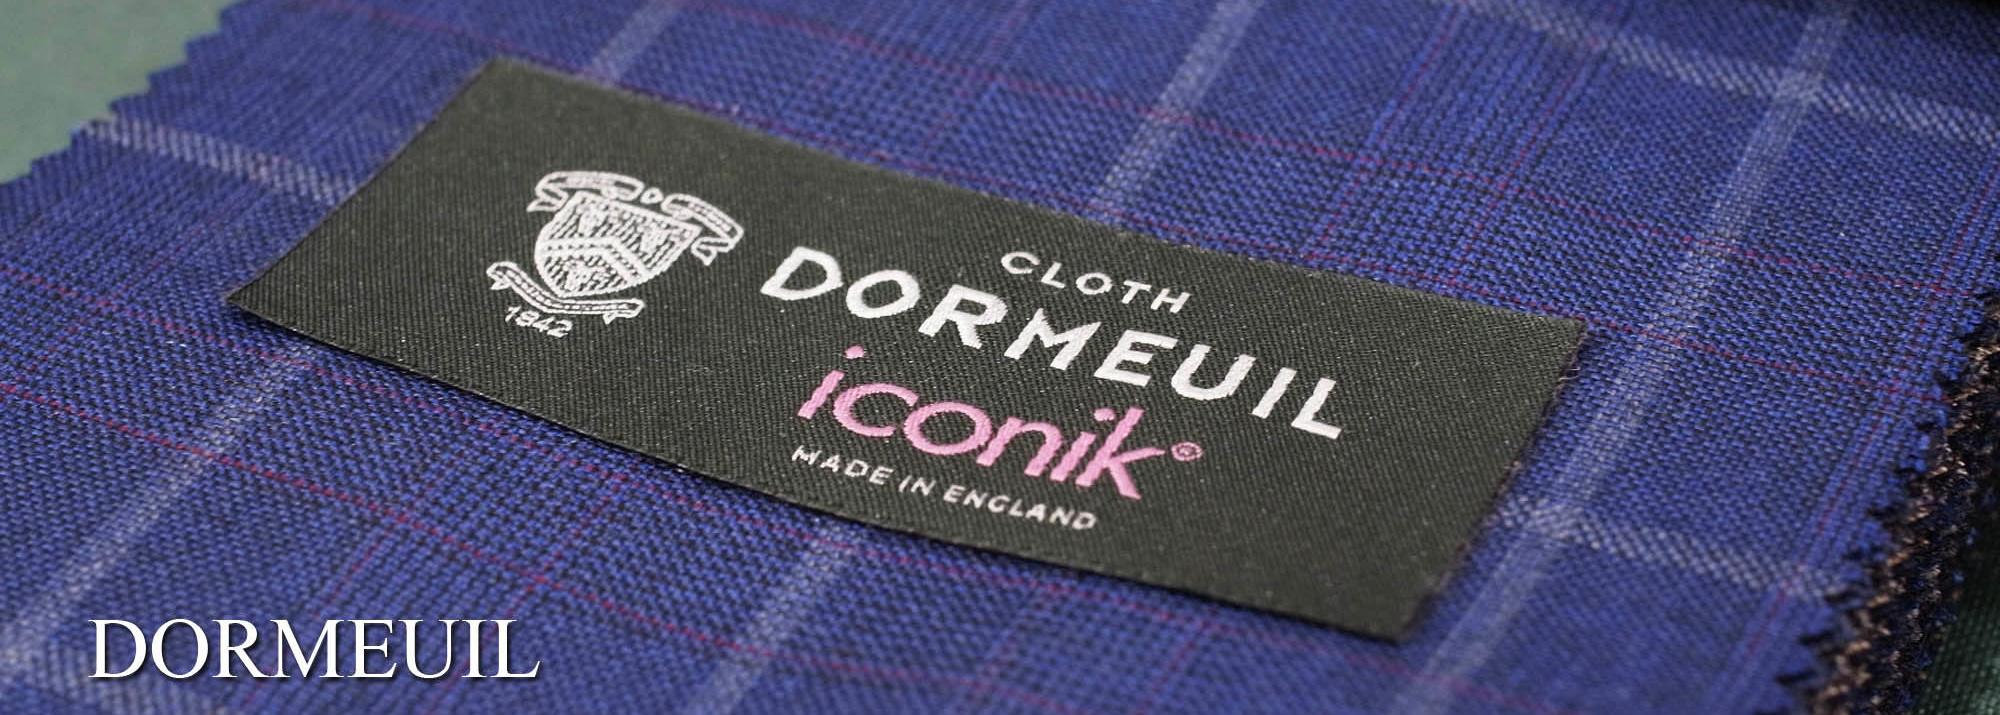 DORMEUIL ドーメル